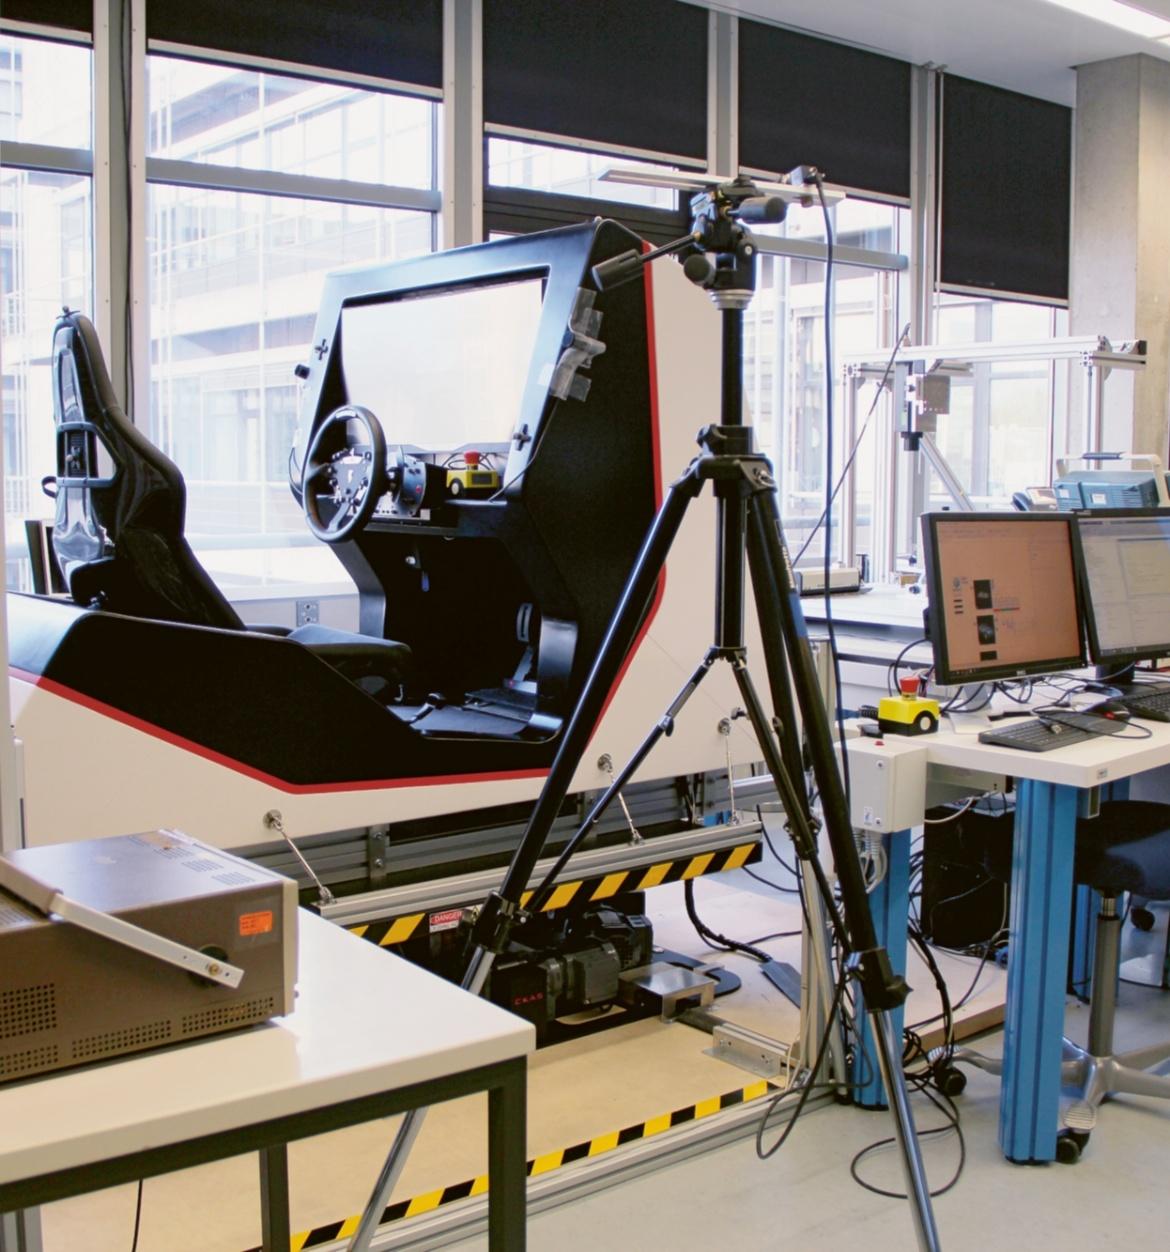 Der Fahrsimulator hat einen Schalensitz, ein Lenkrad und einen Bildschirm. Zudem gibt es eine Kamera und mehrere Kabel zum Messen der Muskelanspannung.